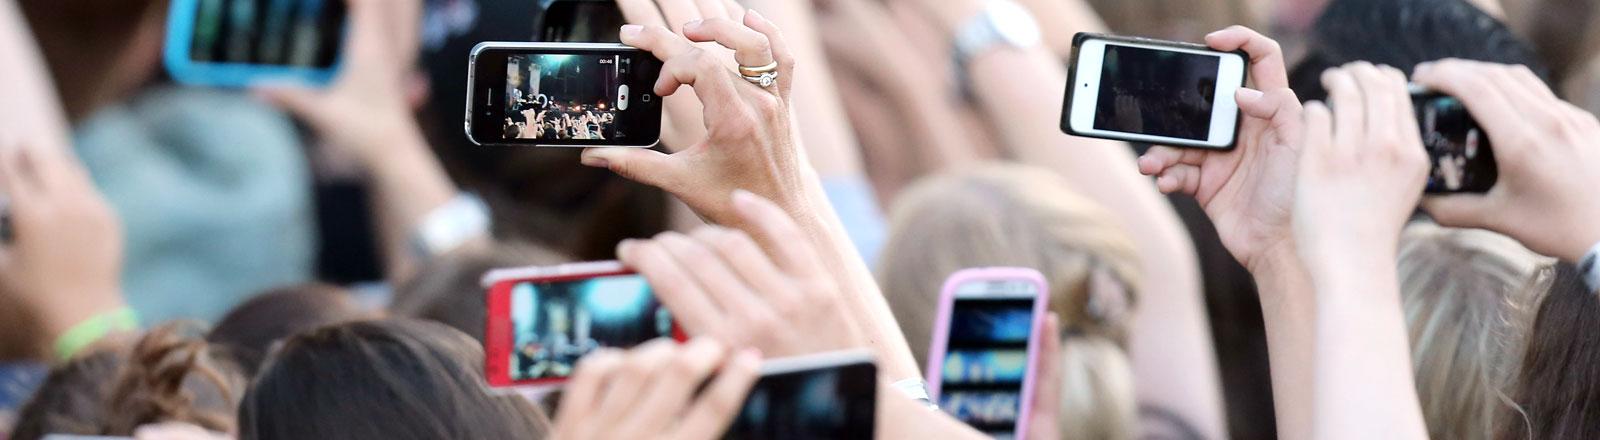 Menschen halten bei einem Konzert Mobiltelefone in die Luft.